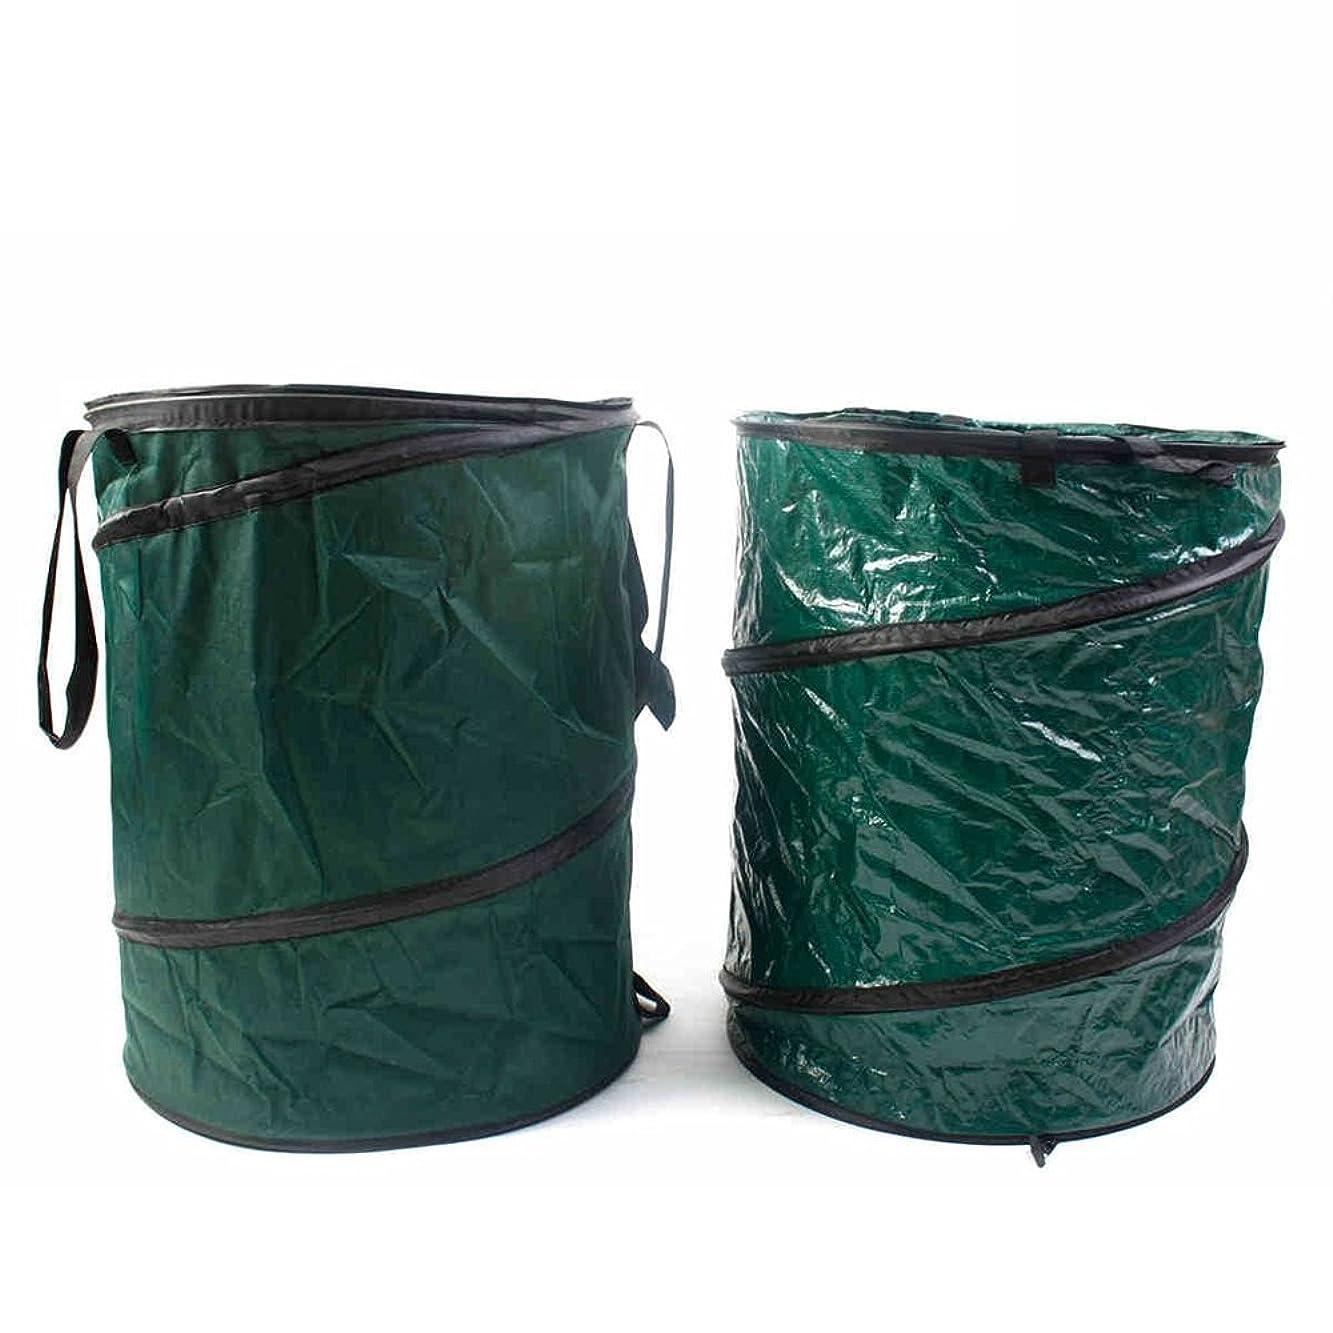 航空会社そこから噛むLJJNYLJD 家庭用保管袋/環境にやさしいごみ袋のバスケット葉袋、再利用可能な折り畳み式のわらごみ袋 (Color : Nylon)